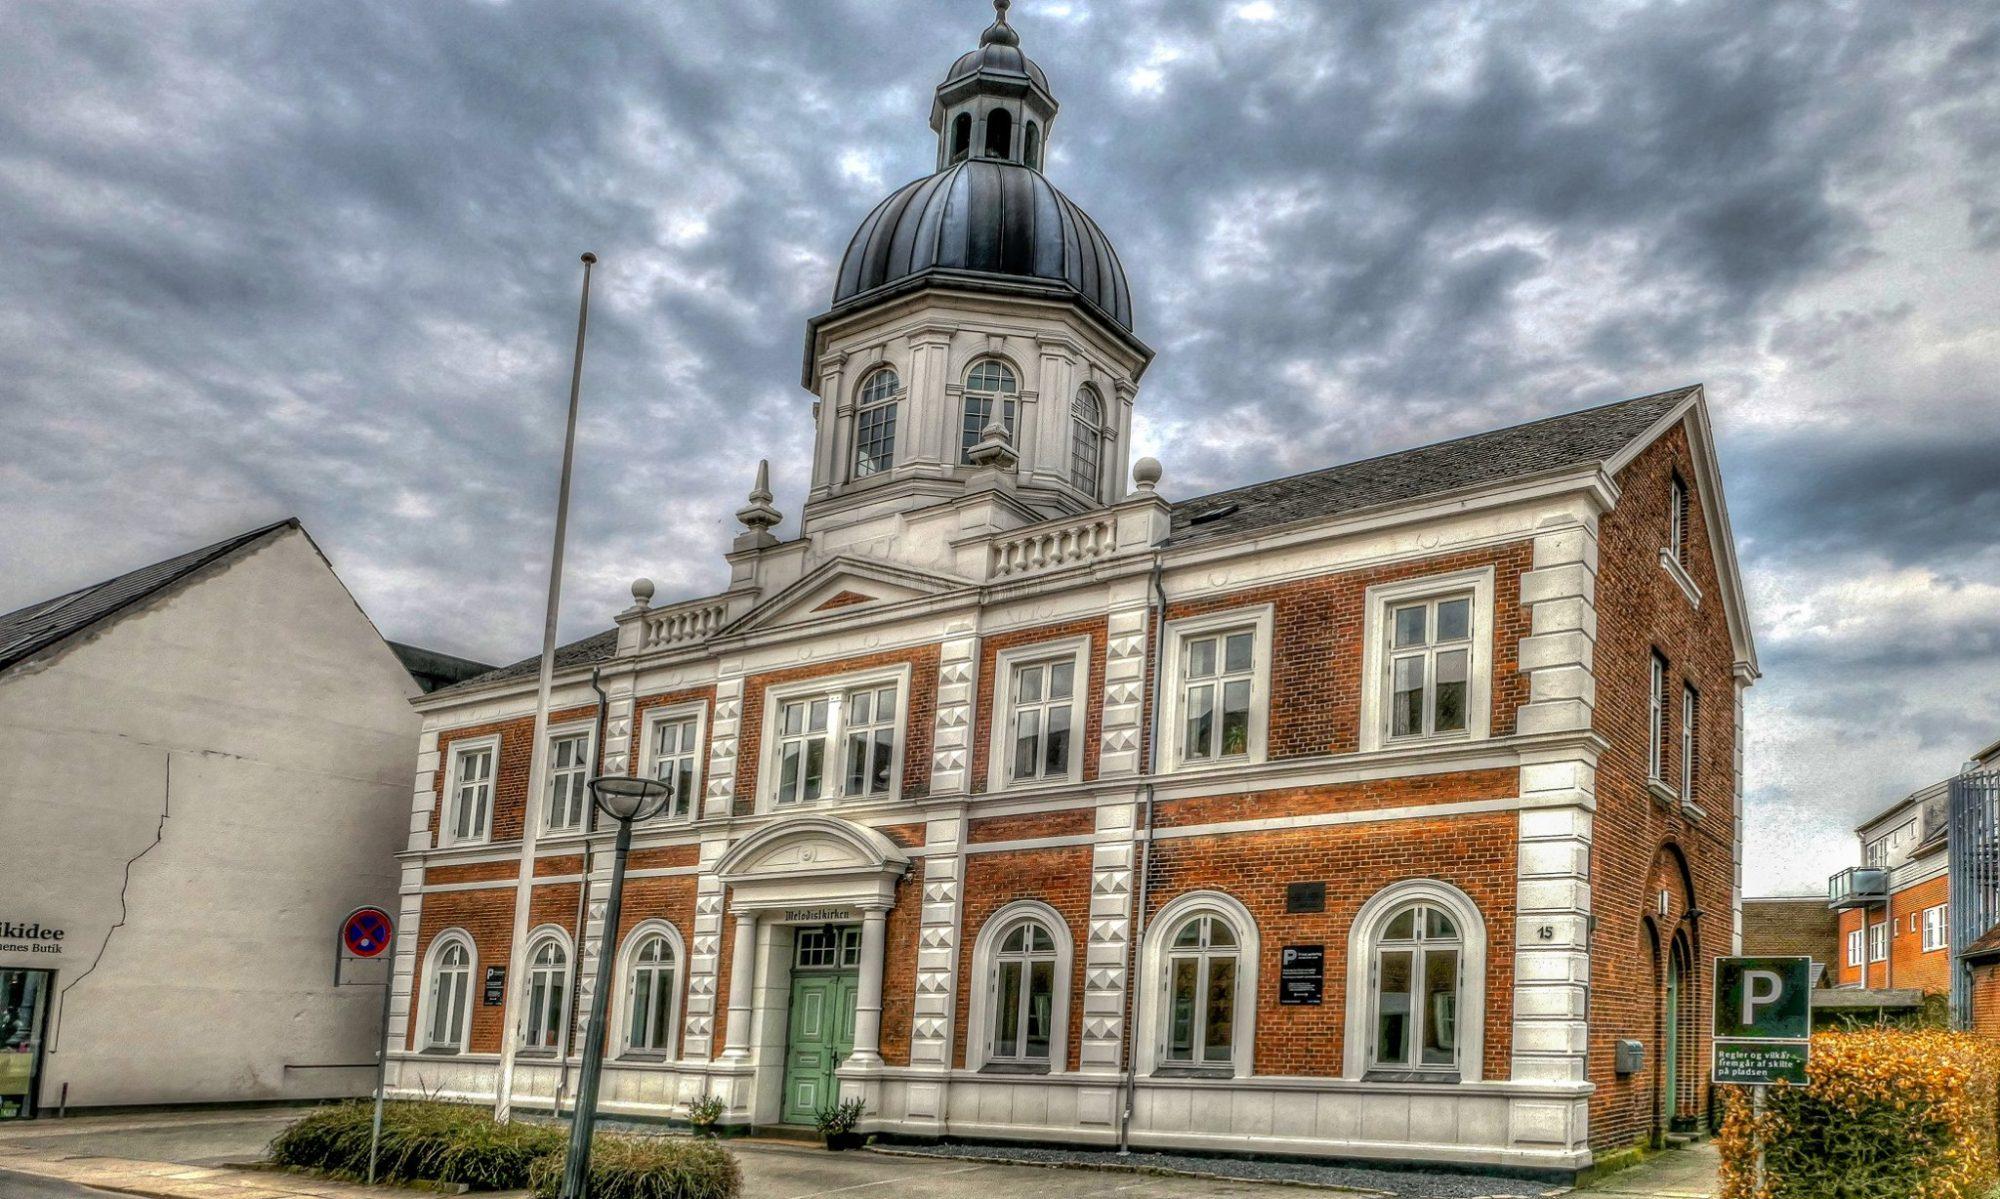 Sct. Pouls Kirke - Metodistkirken i Vejle